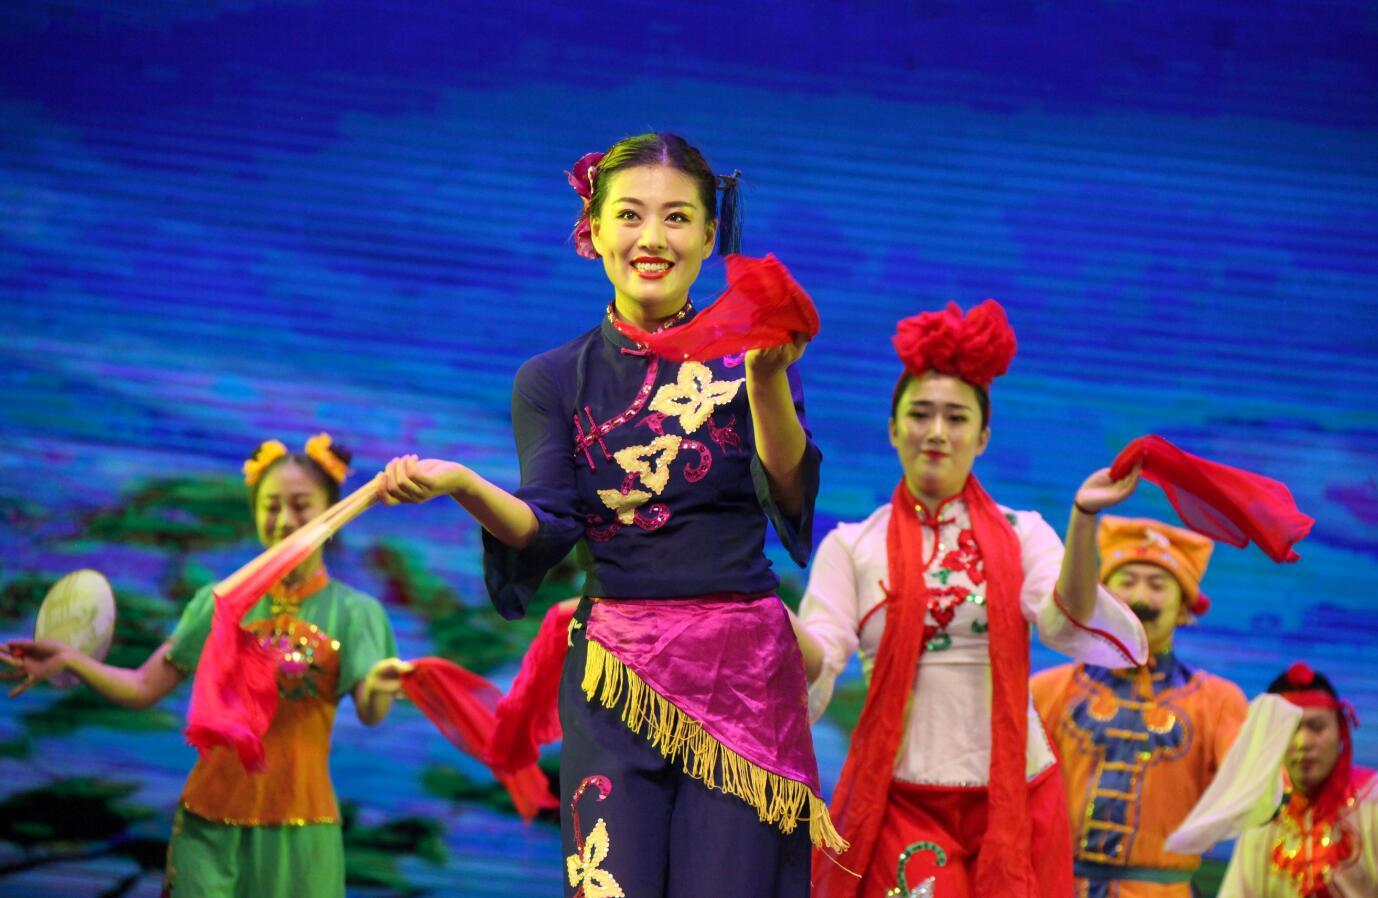 大型山东民间舞蹈诗《俺的山东大秧歌》在省会大剧院首演